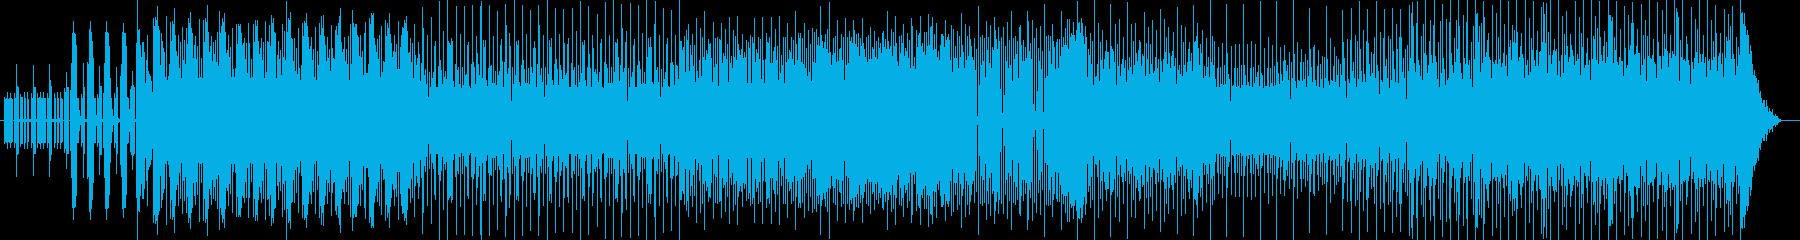 わくわく感のシンセなどテクノ系ポップの再生済みの波形